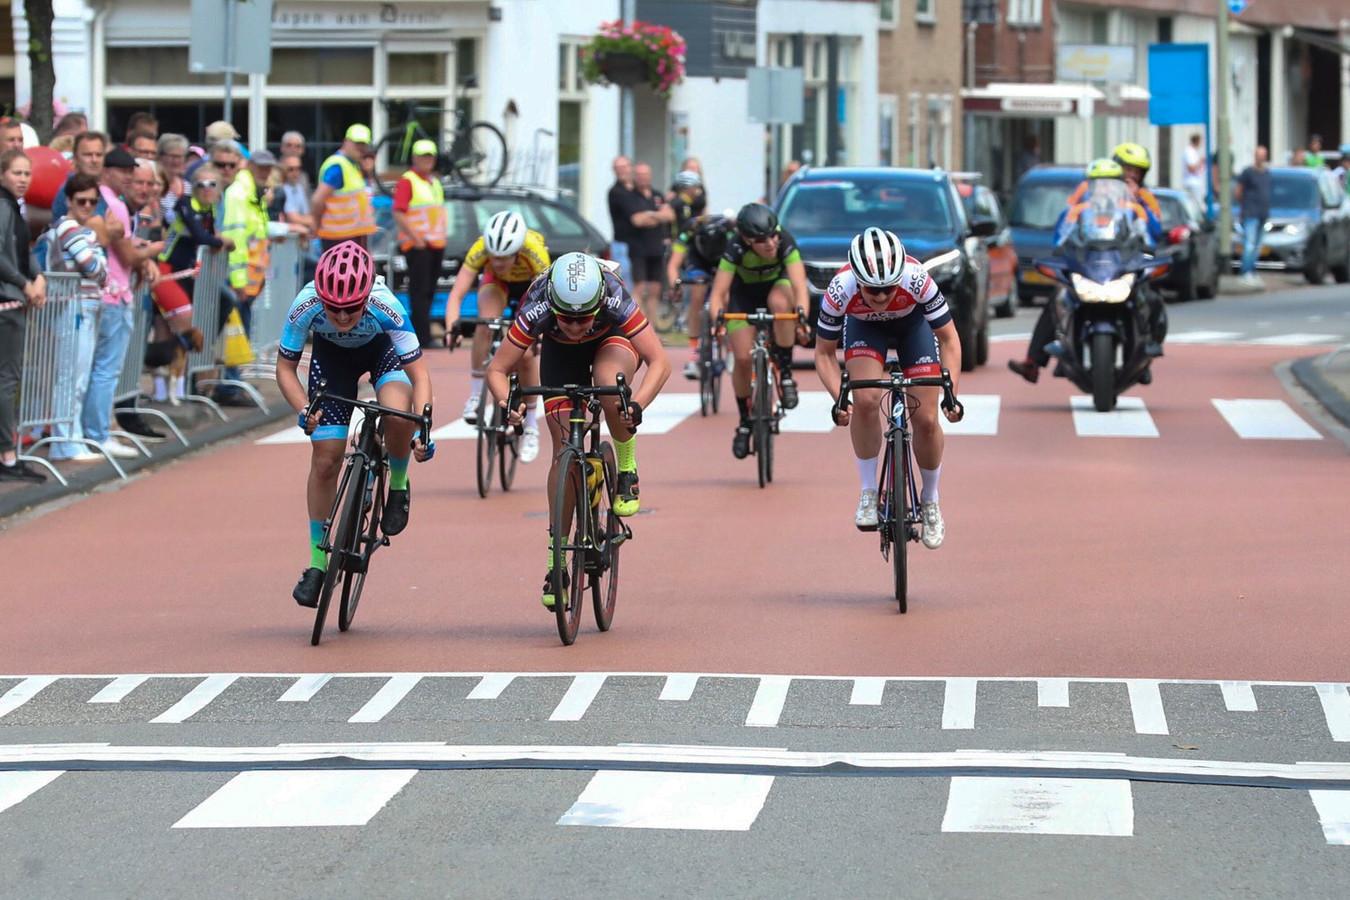 Annet Pit (midden) pakt de winst bij de klassieker in het wielerweekeinde van Roden.